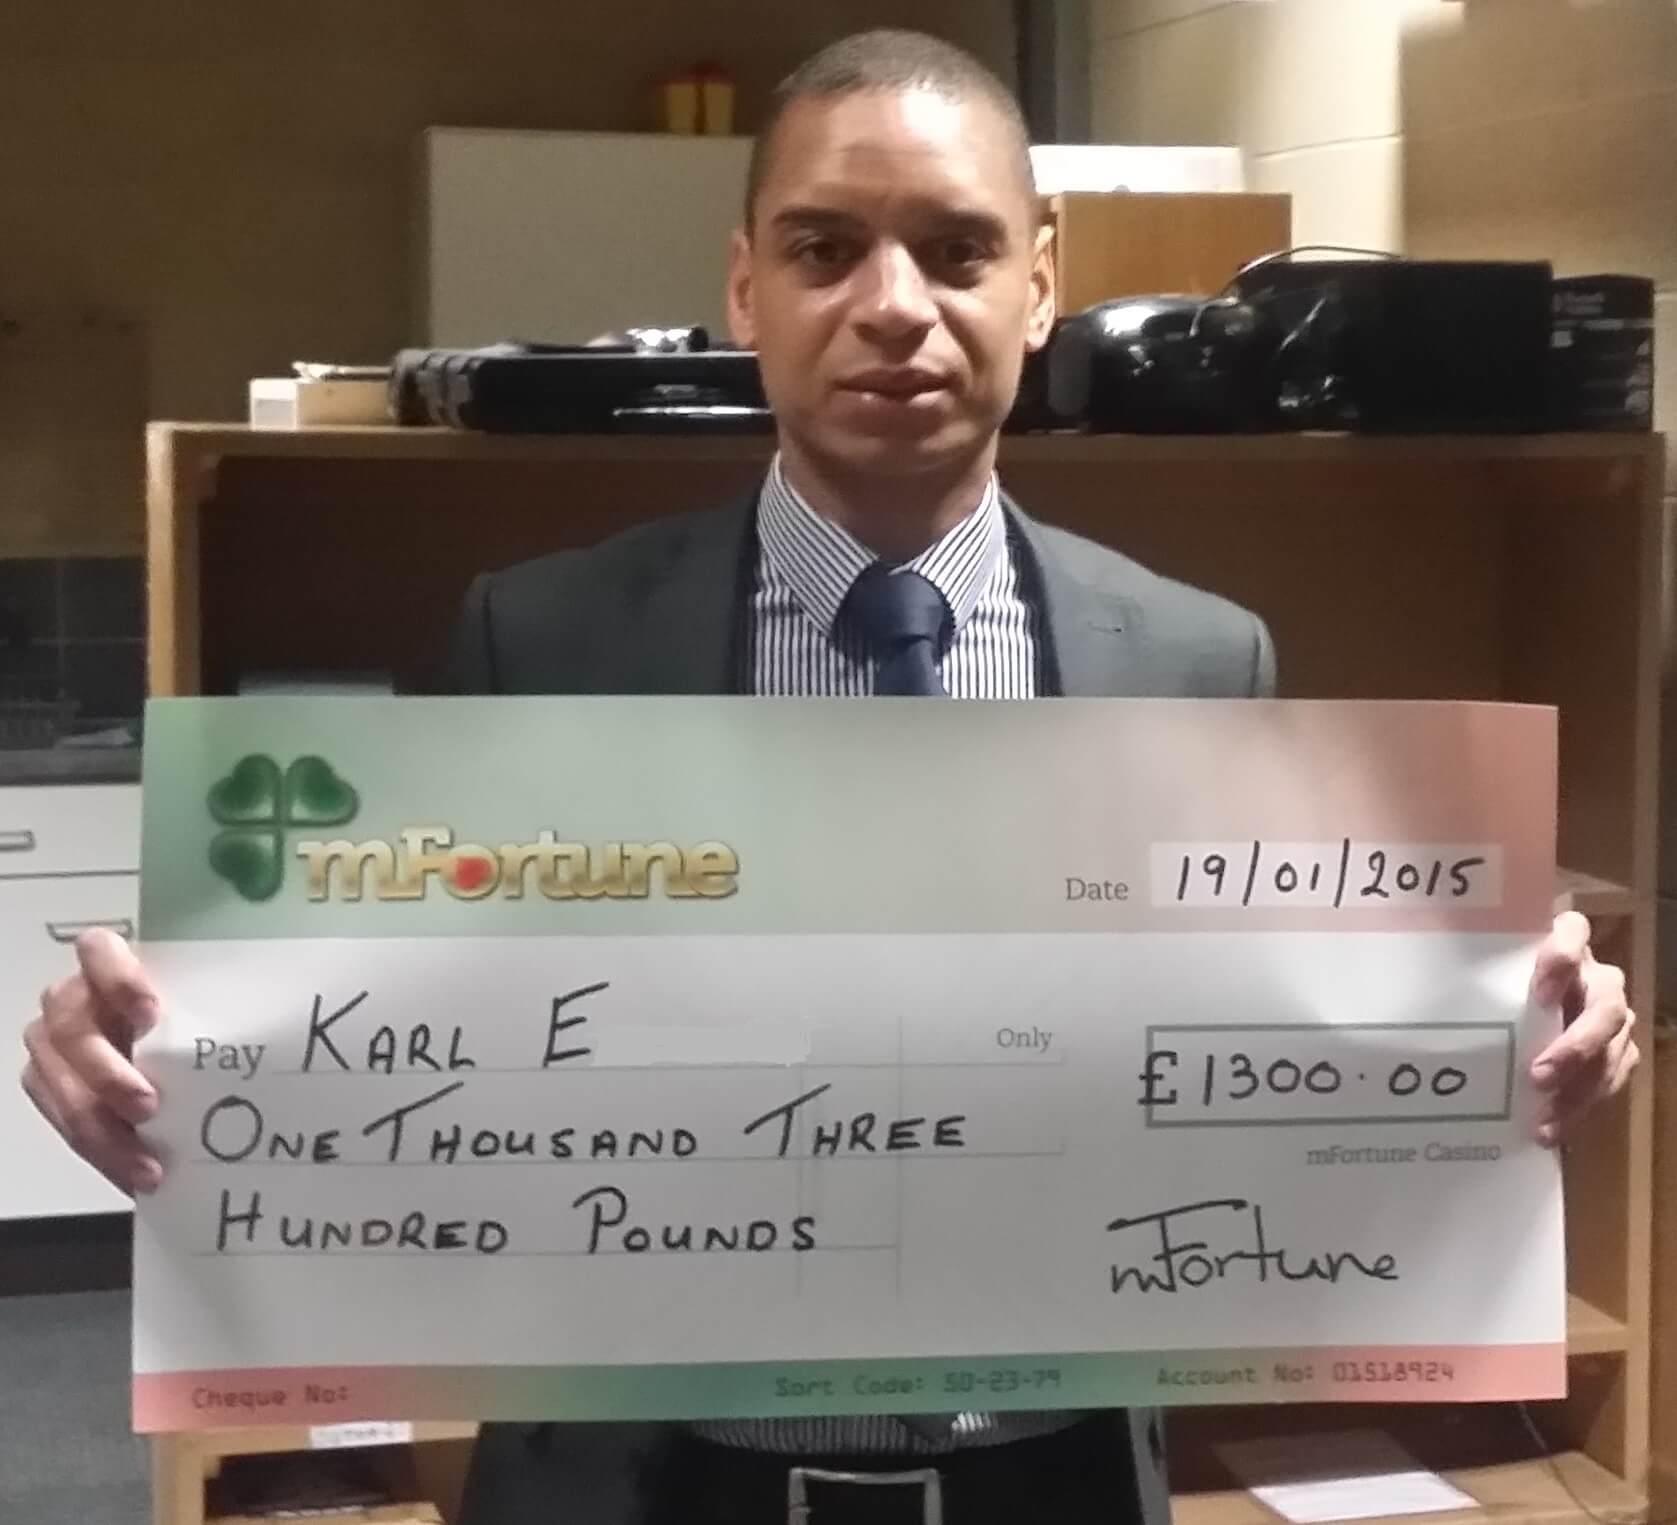 Karl E won £ 1,300